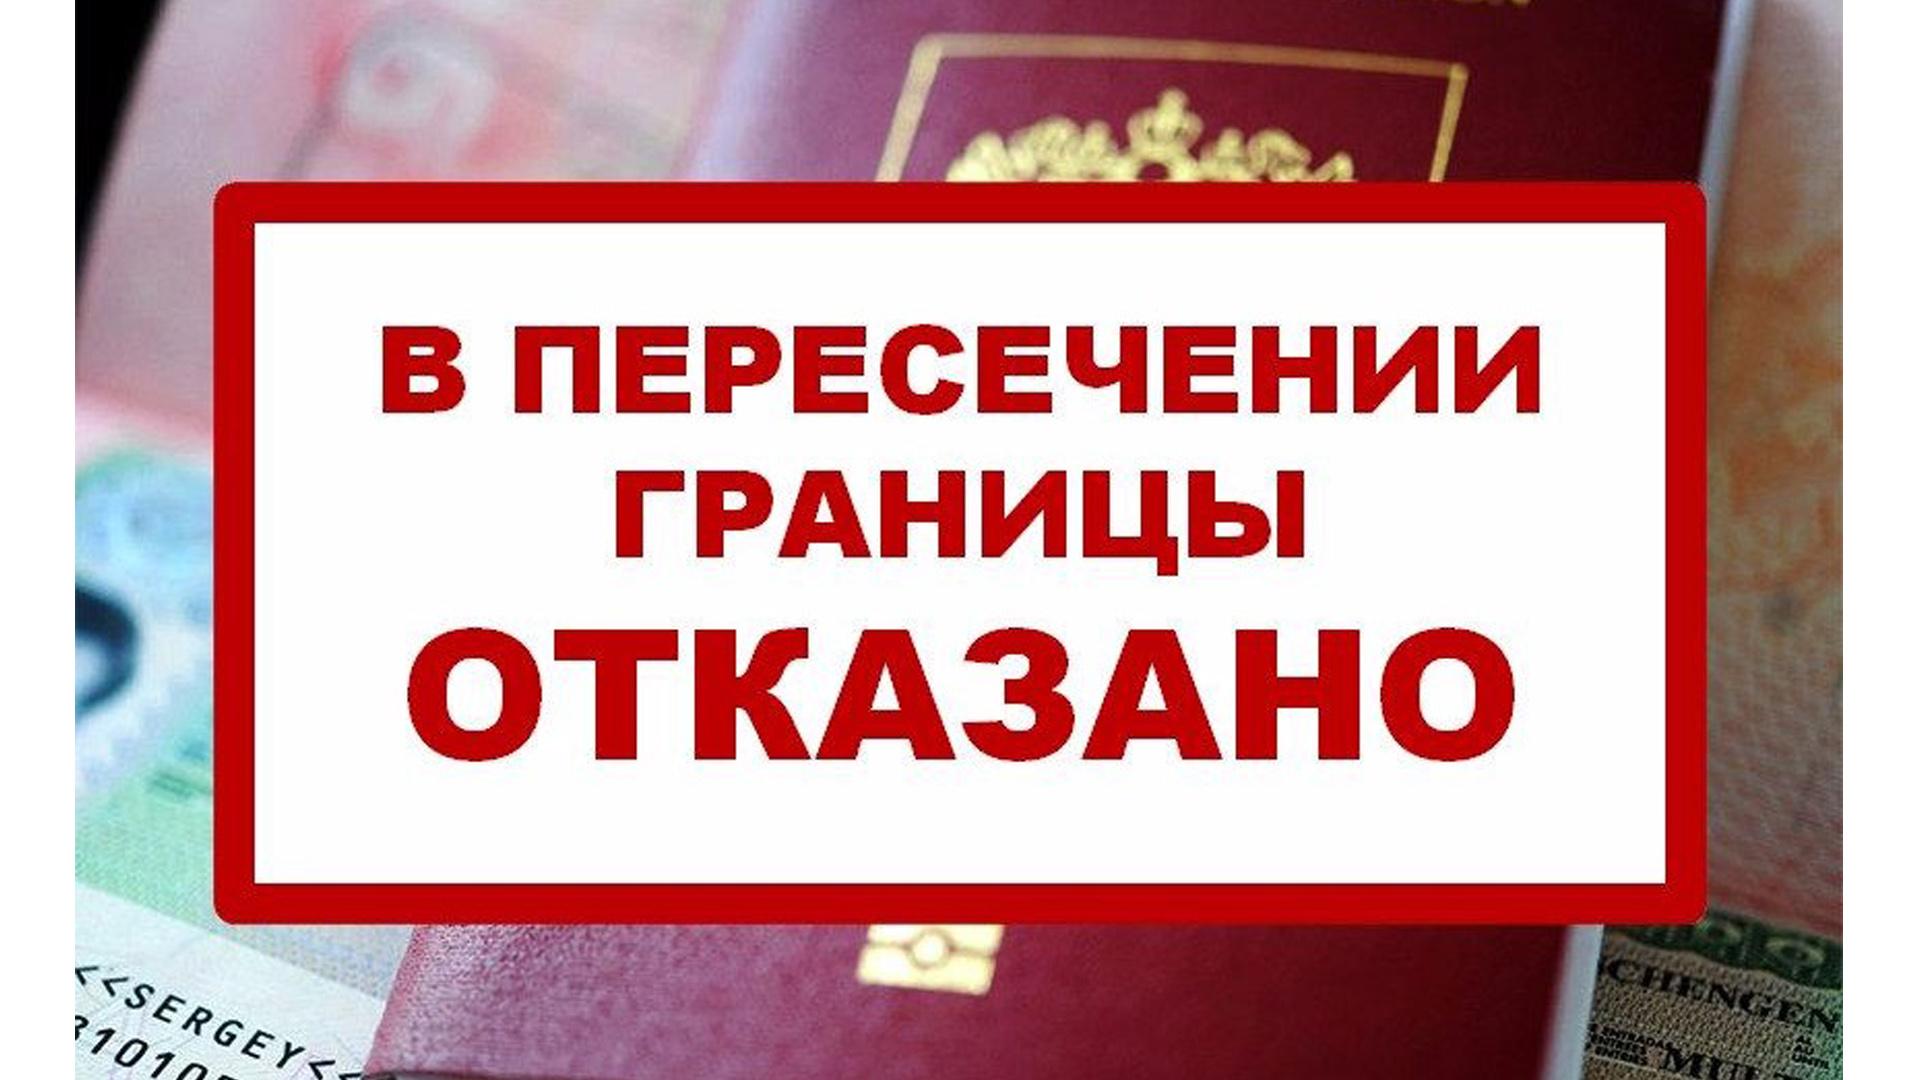 Rusiyada 3 milyon yarıma yaxın vətəndaşın ölkədən çıxmasına məhdudiyyət qoyulub